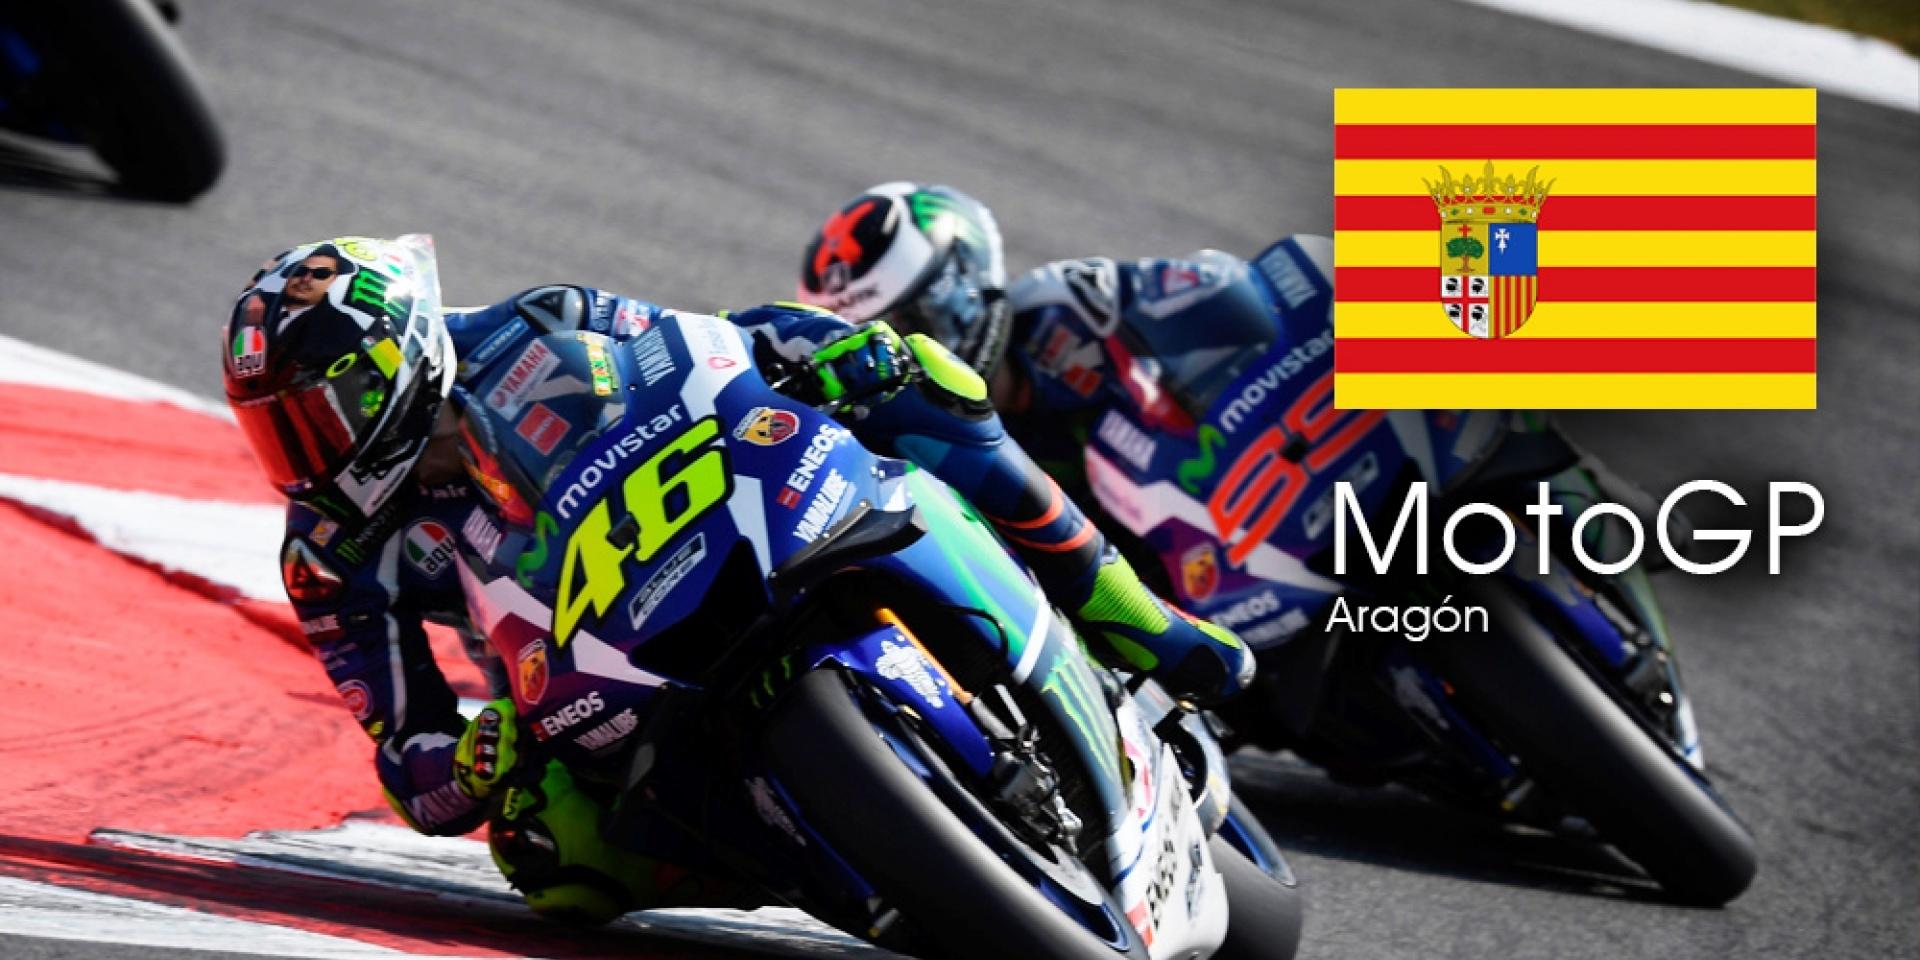 MotoGP 第14站 (倒數5站) 西班牙 亞拉岡 轉播時間